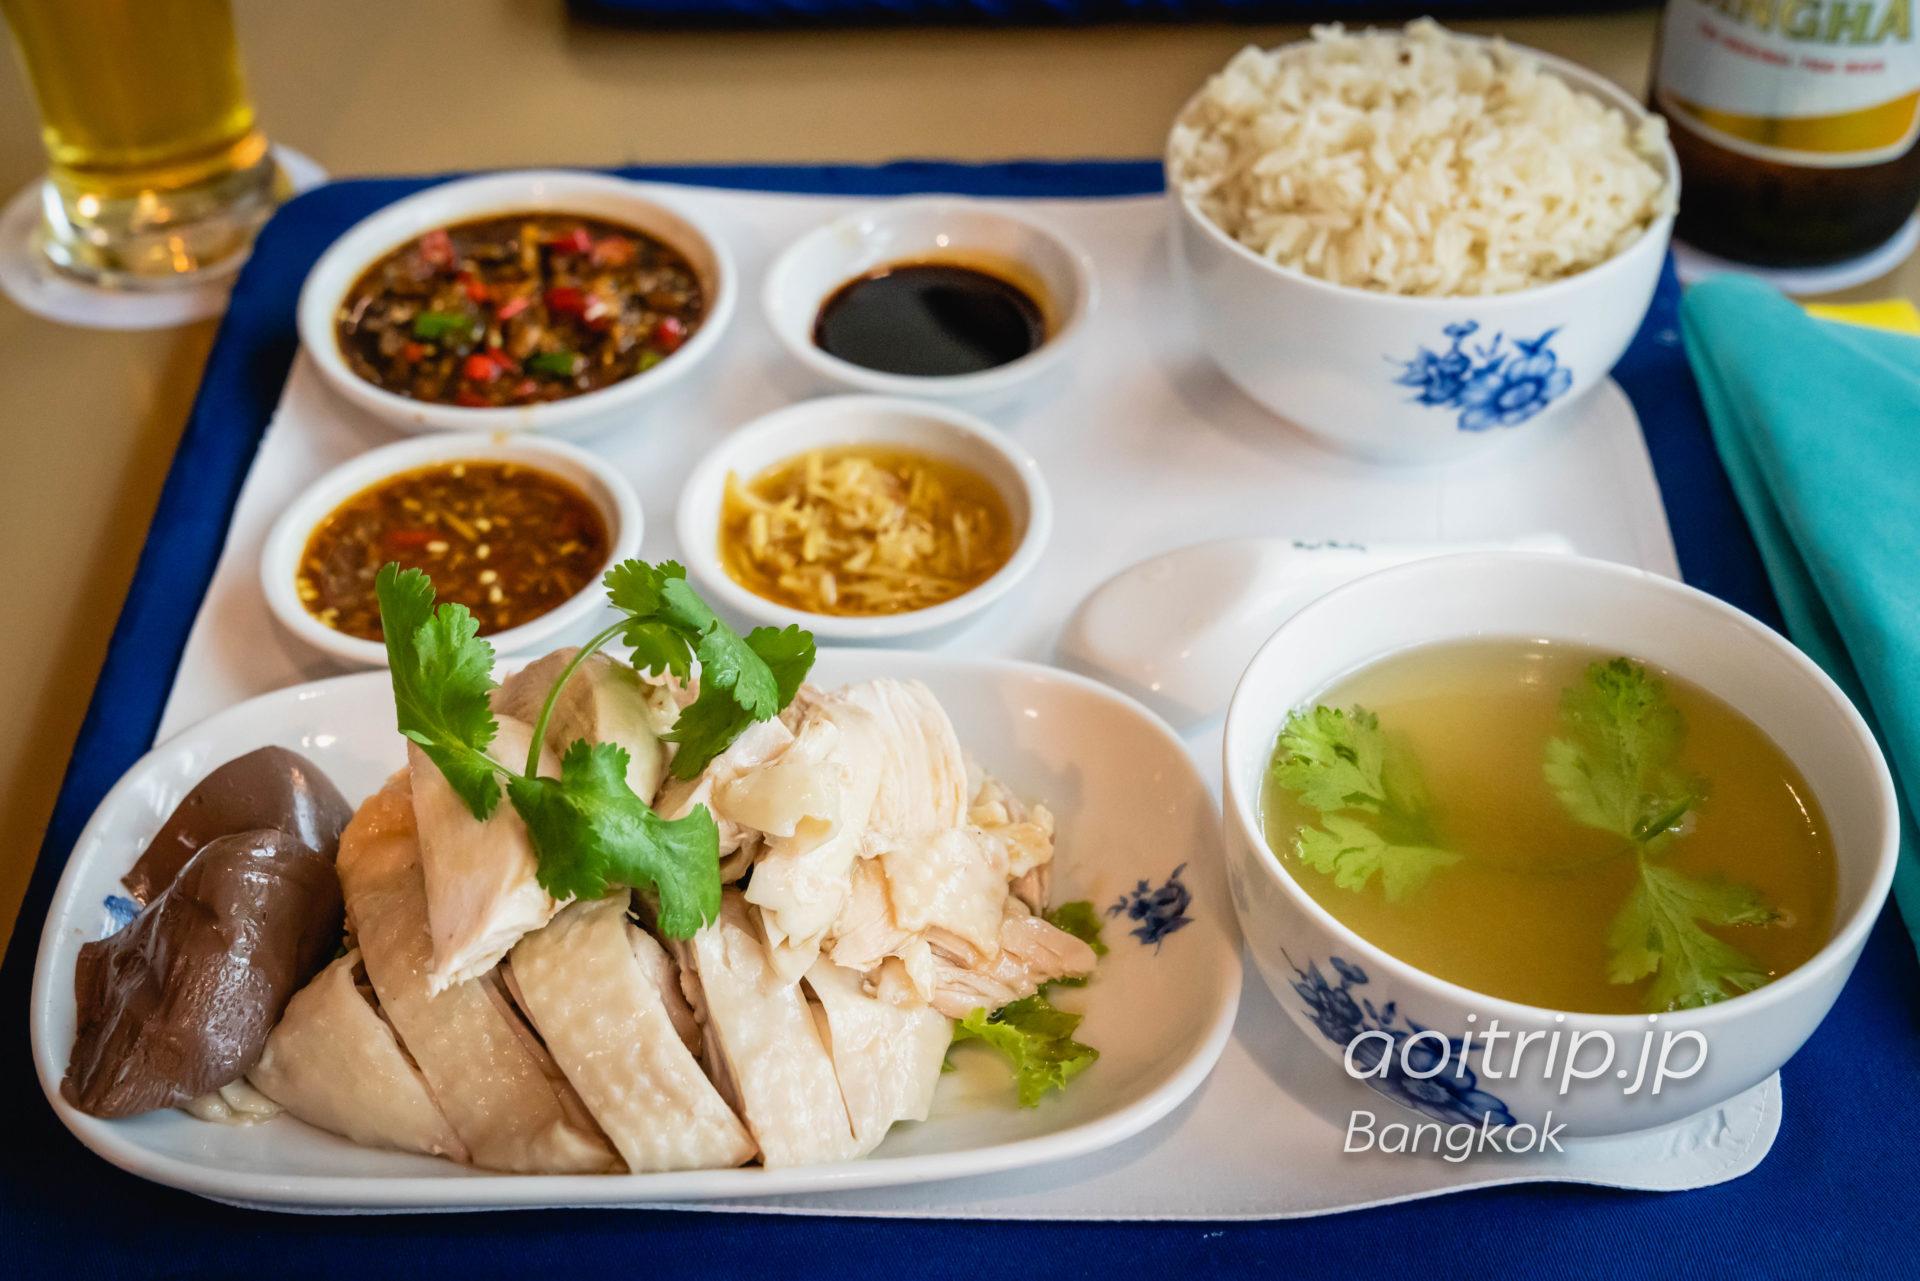 バンコク モンティエン ホテルのカオマンガイ(海南鶏飯)